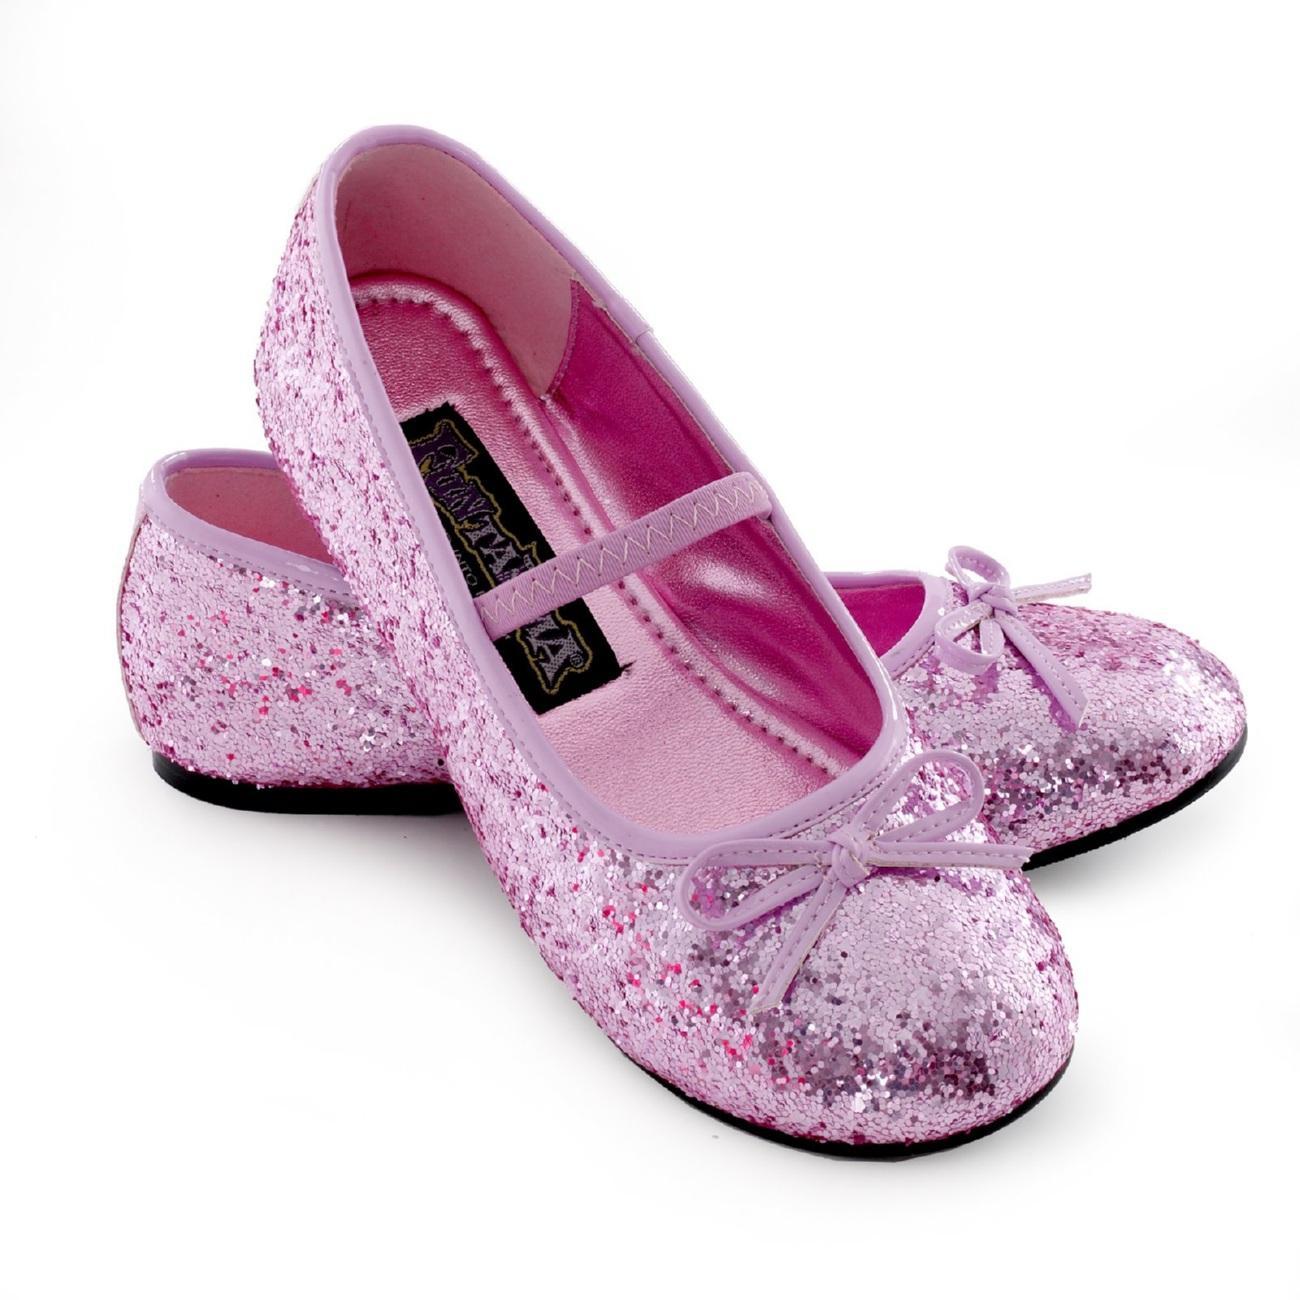 Ver Zapatos, botas y sandalias para niña en Payless para encontrar los precios más bajos en zapatos. Envío gratis +$25, devoluciones gratis en cualquier tienda Payless. Payless ShoeSource.